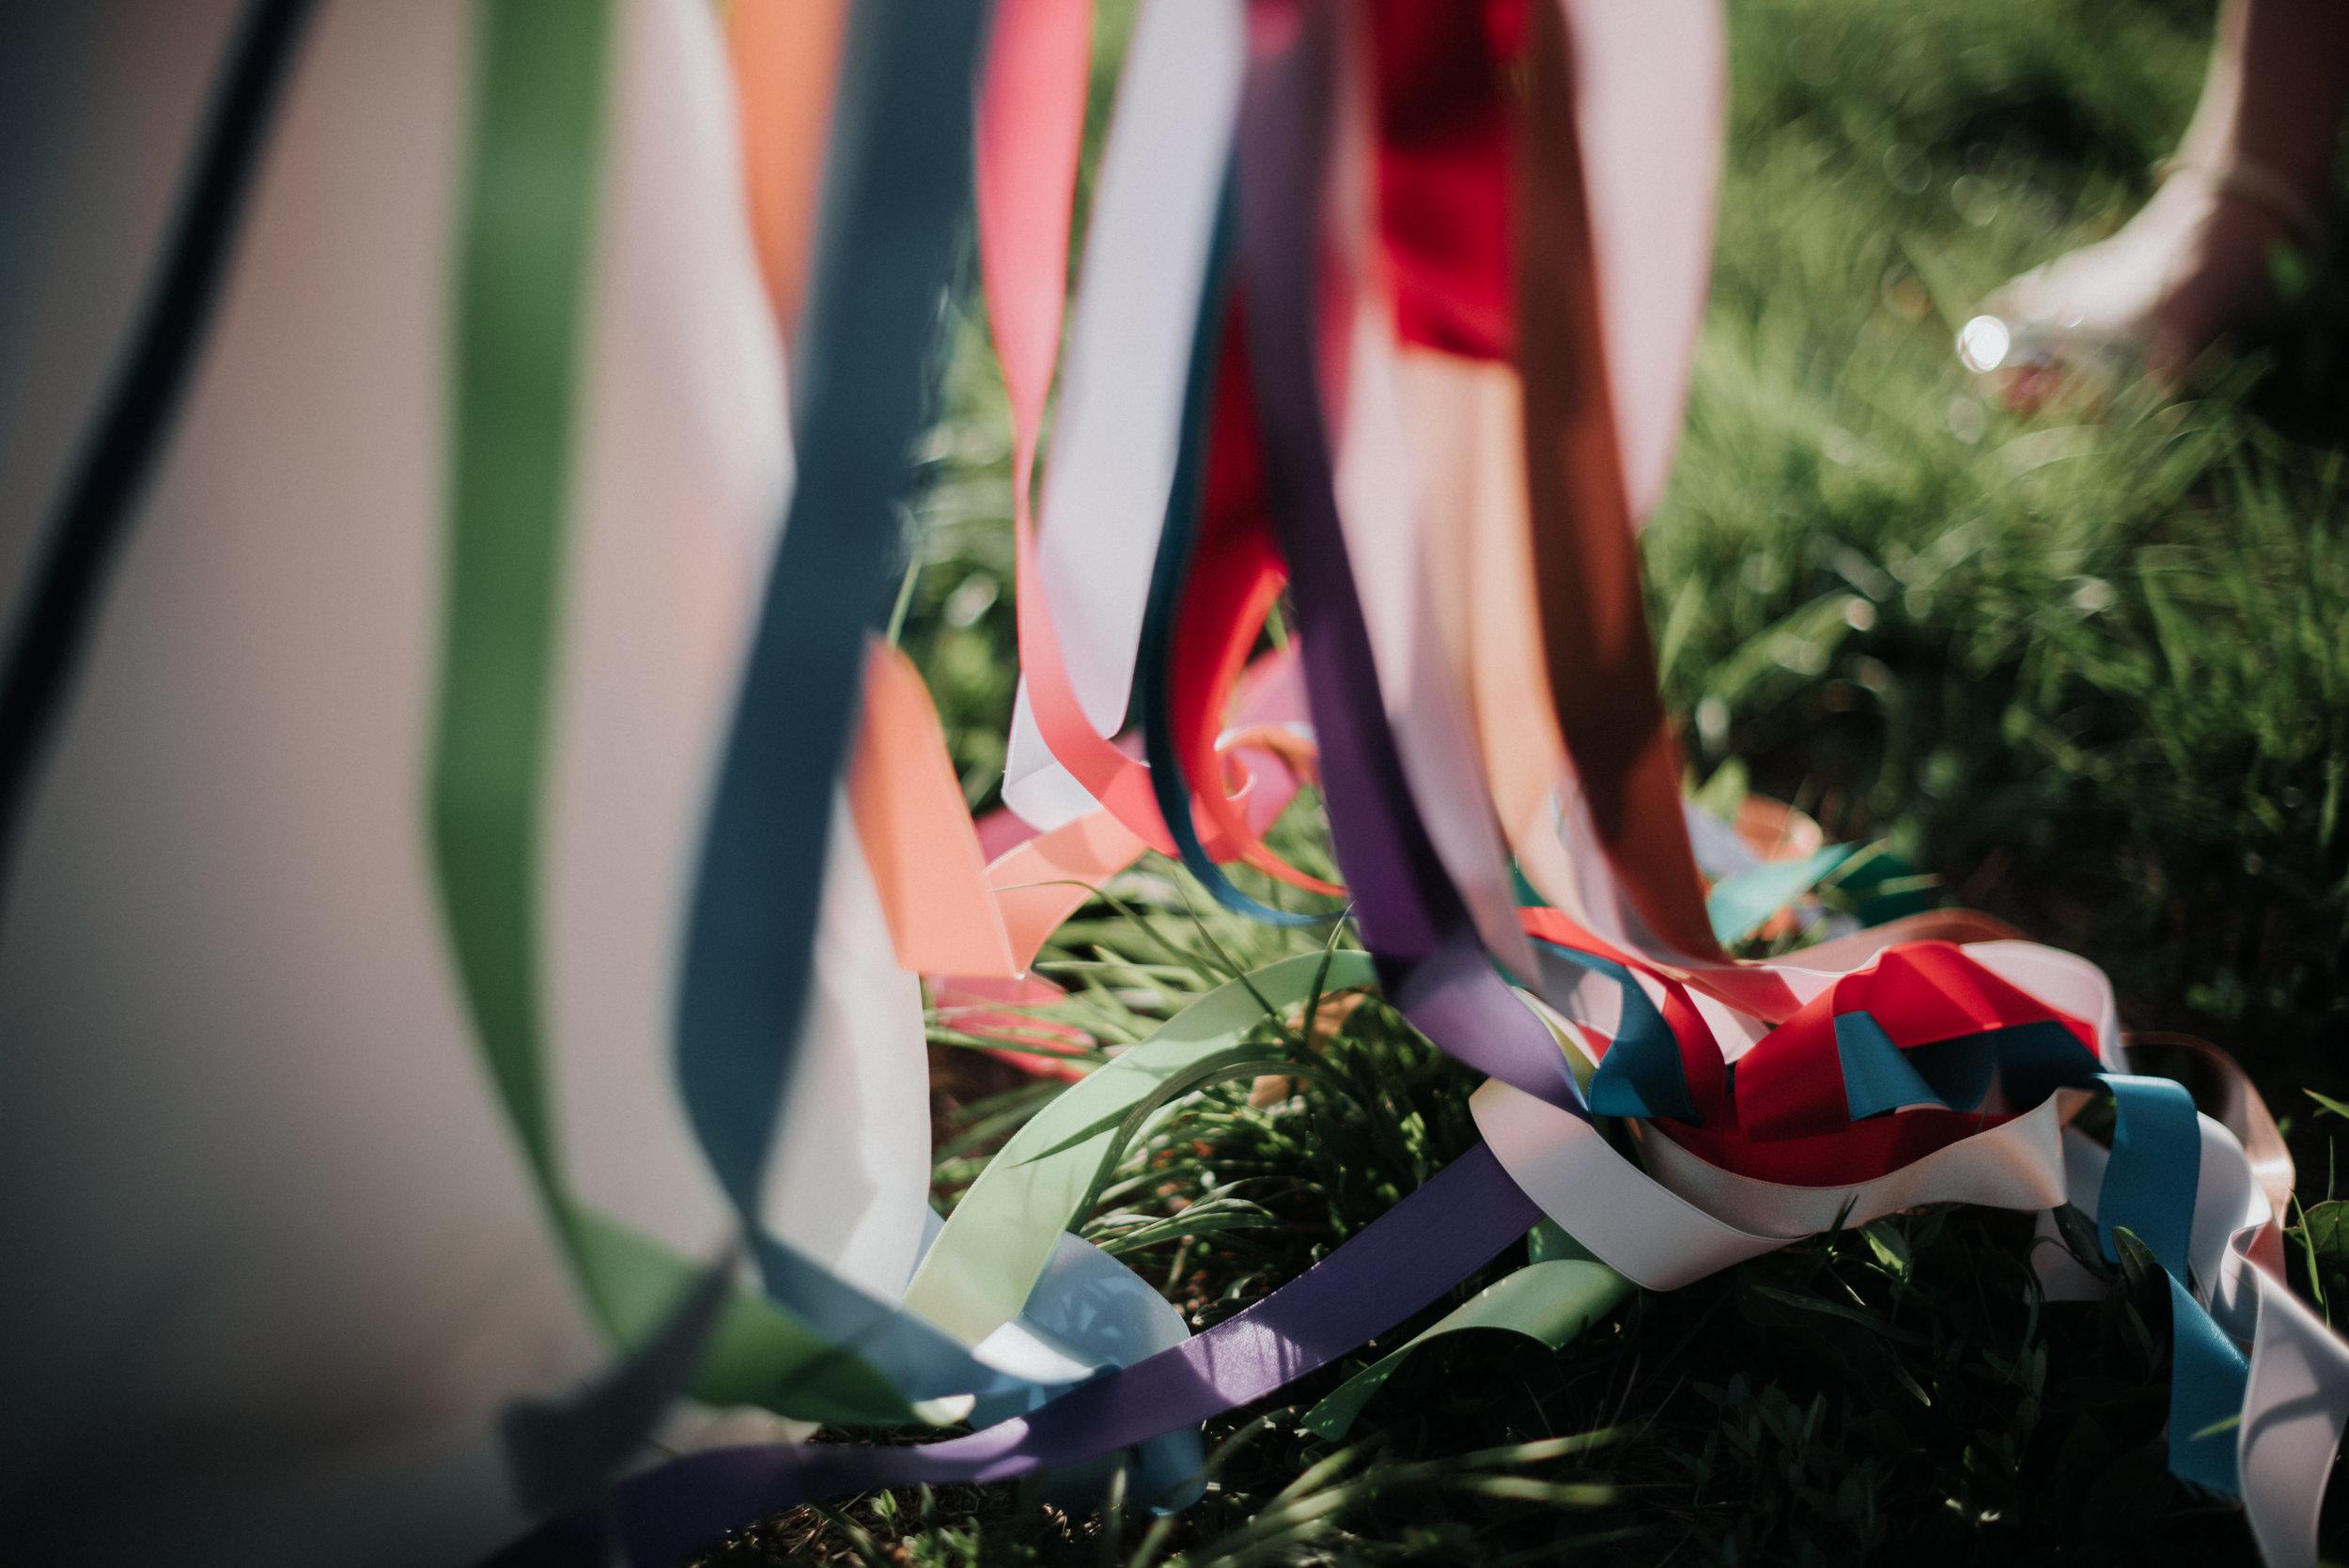 Léa-Fery-photographe-professionnel-lyon-rhone-alpes-portrait-creation-mariage-evenement-evenementiel-famille-8189.jpg